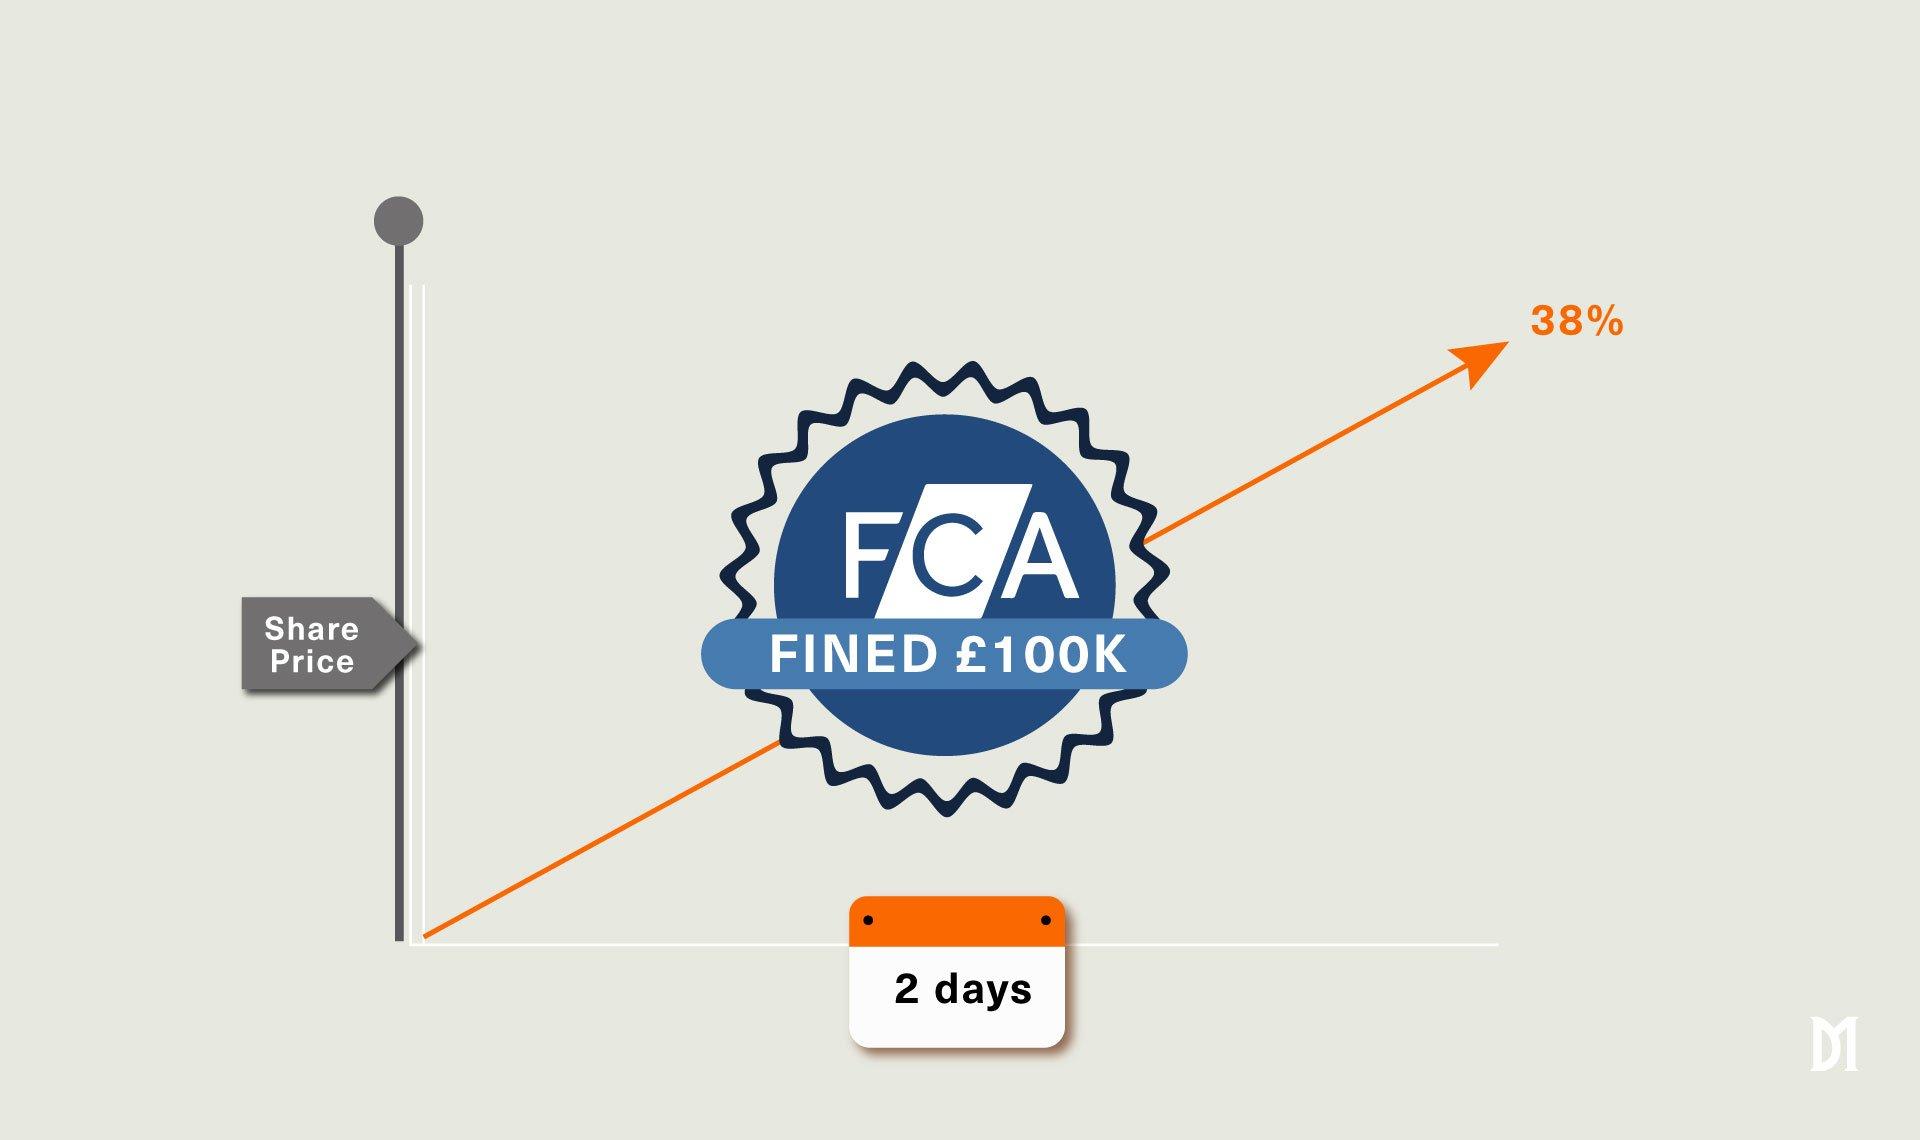 FCA graph